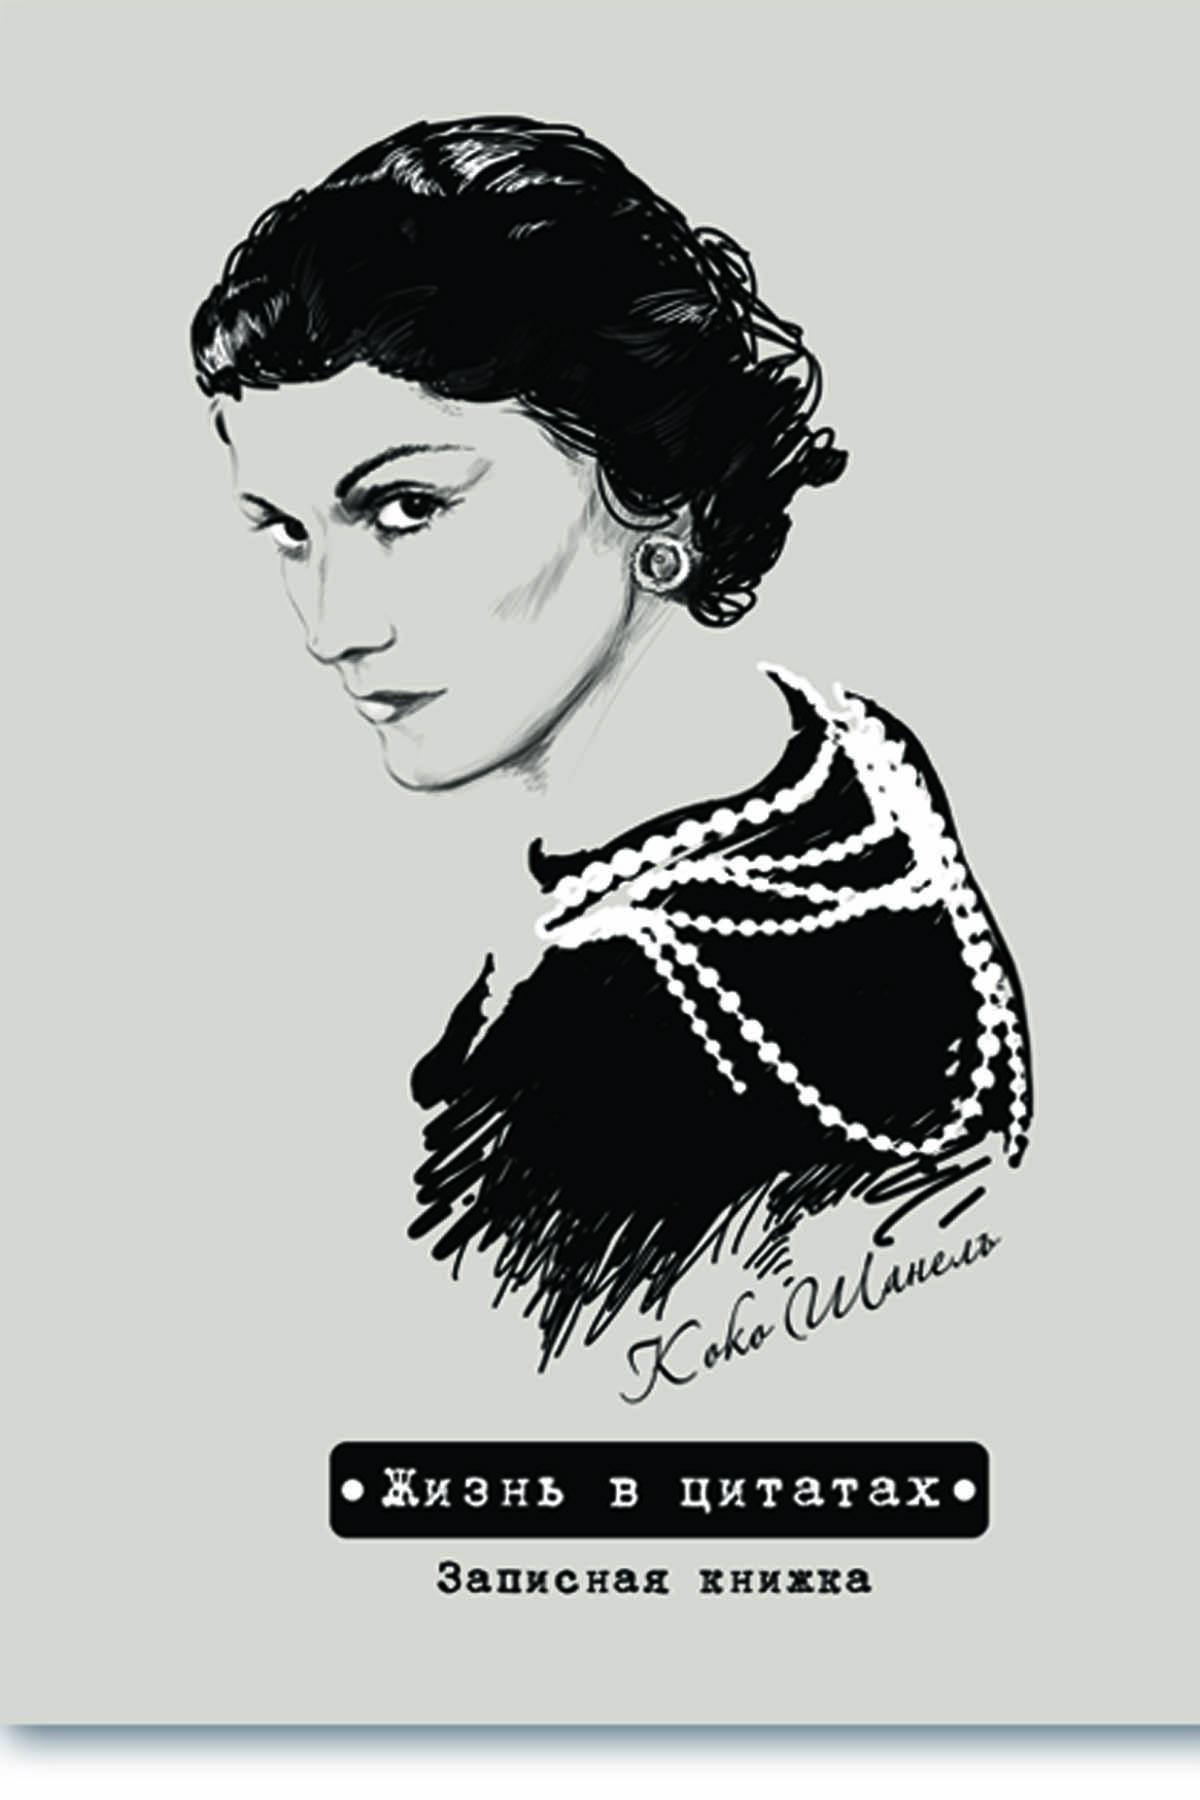 Записная книжка Феникс+ Жизнь в цитатах Коко Шанель арт. 39459